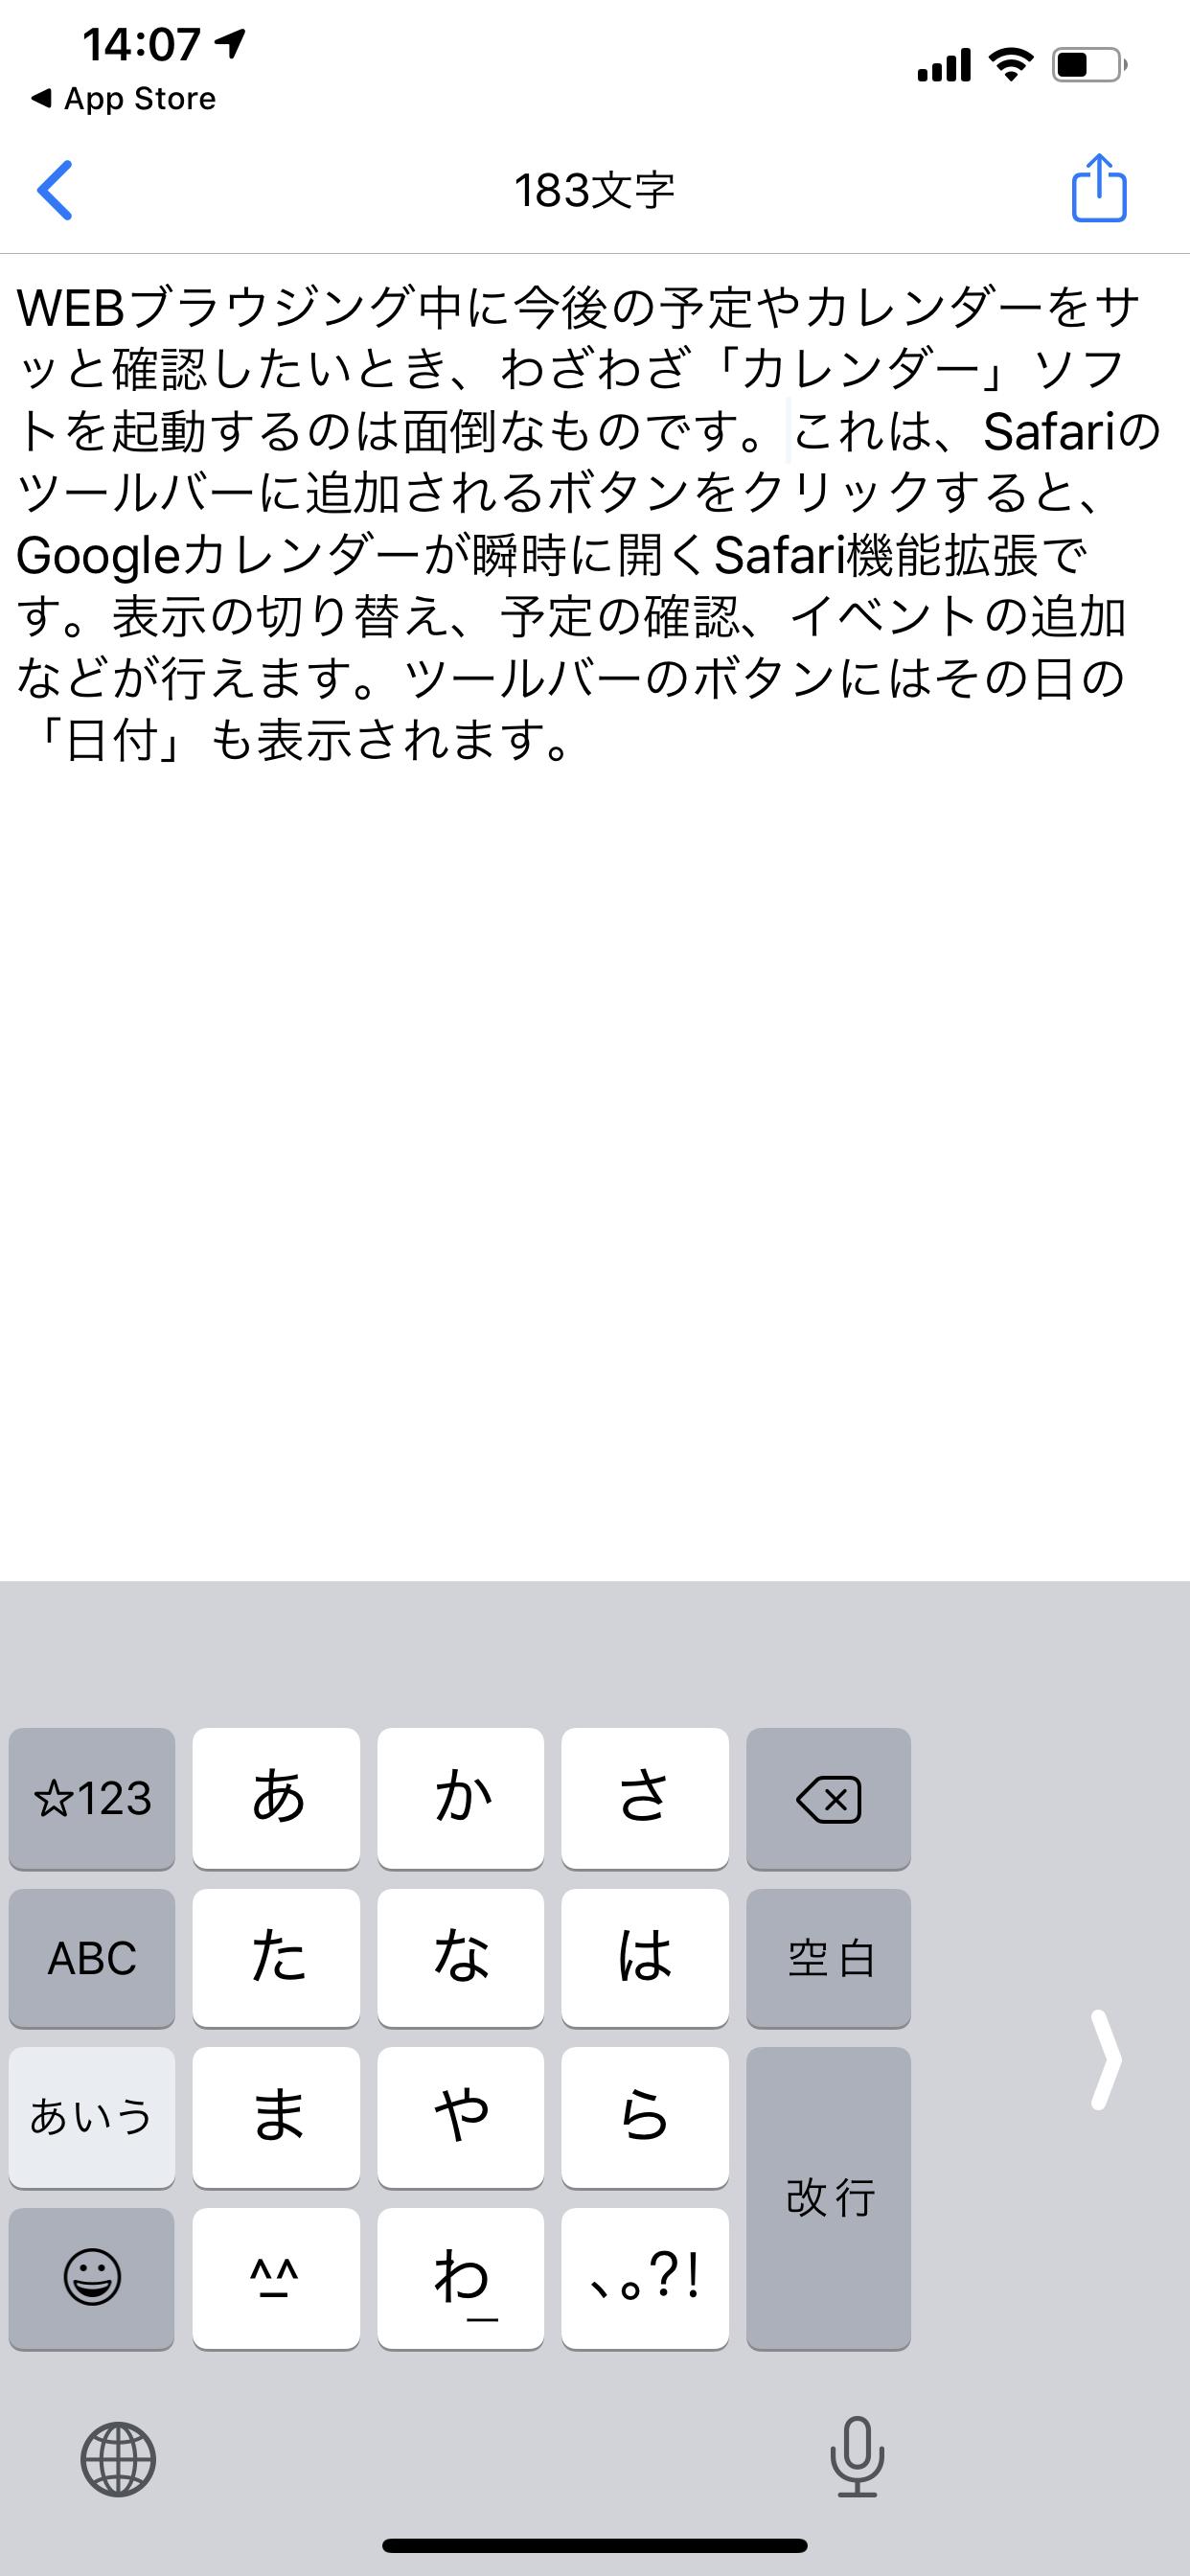 メモ 帳 文字数 カウント